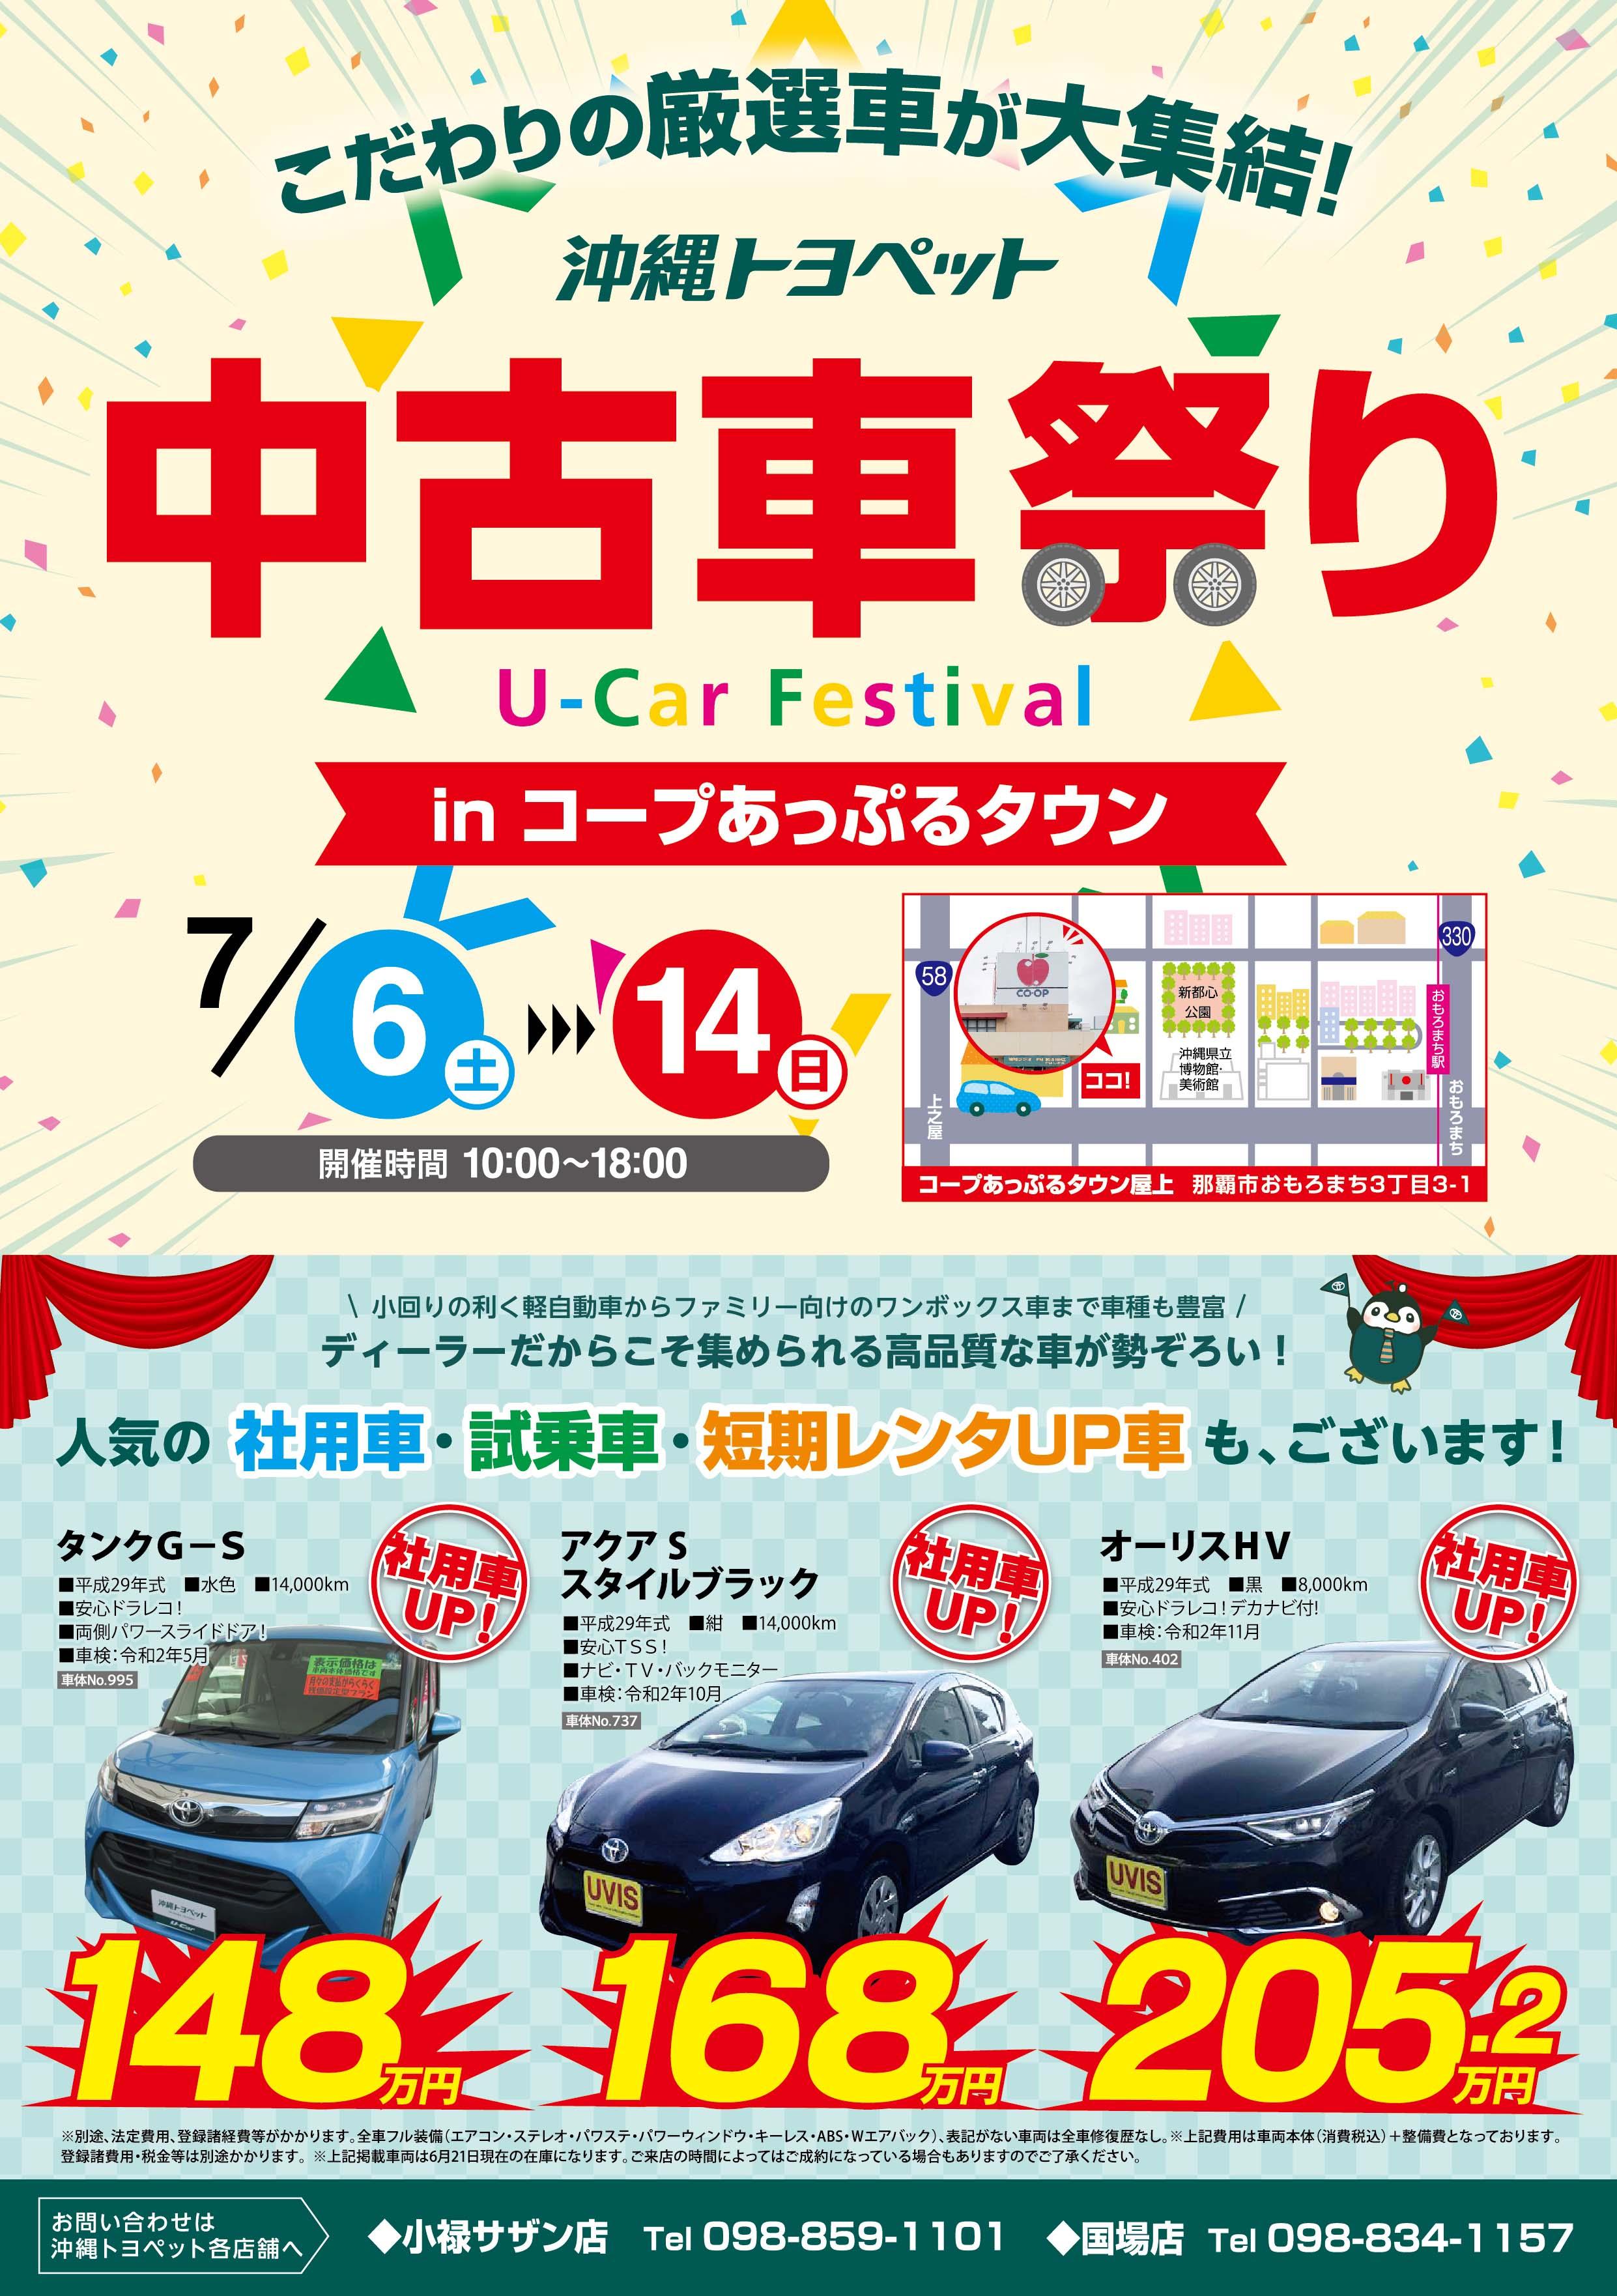 沖縄トヨペット『中古車祭り inコープアップルタウン』開催中!!